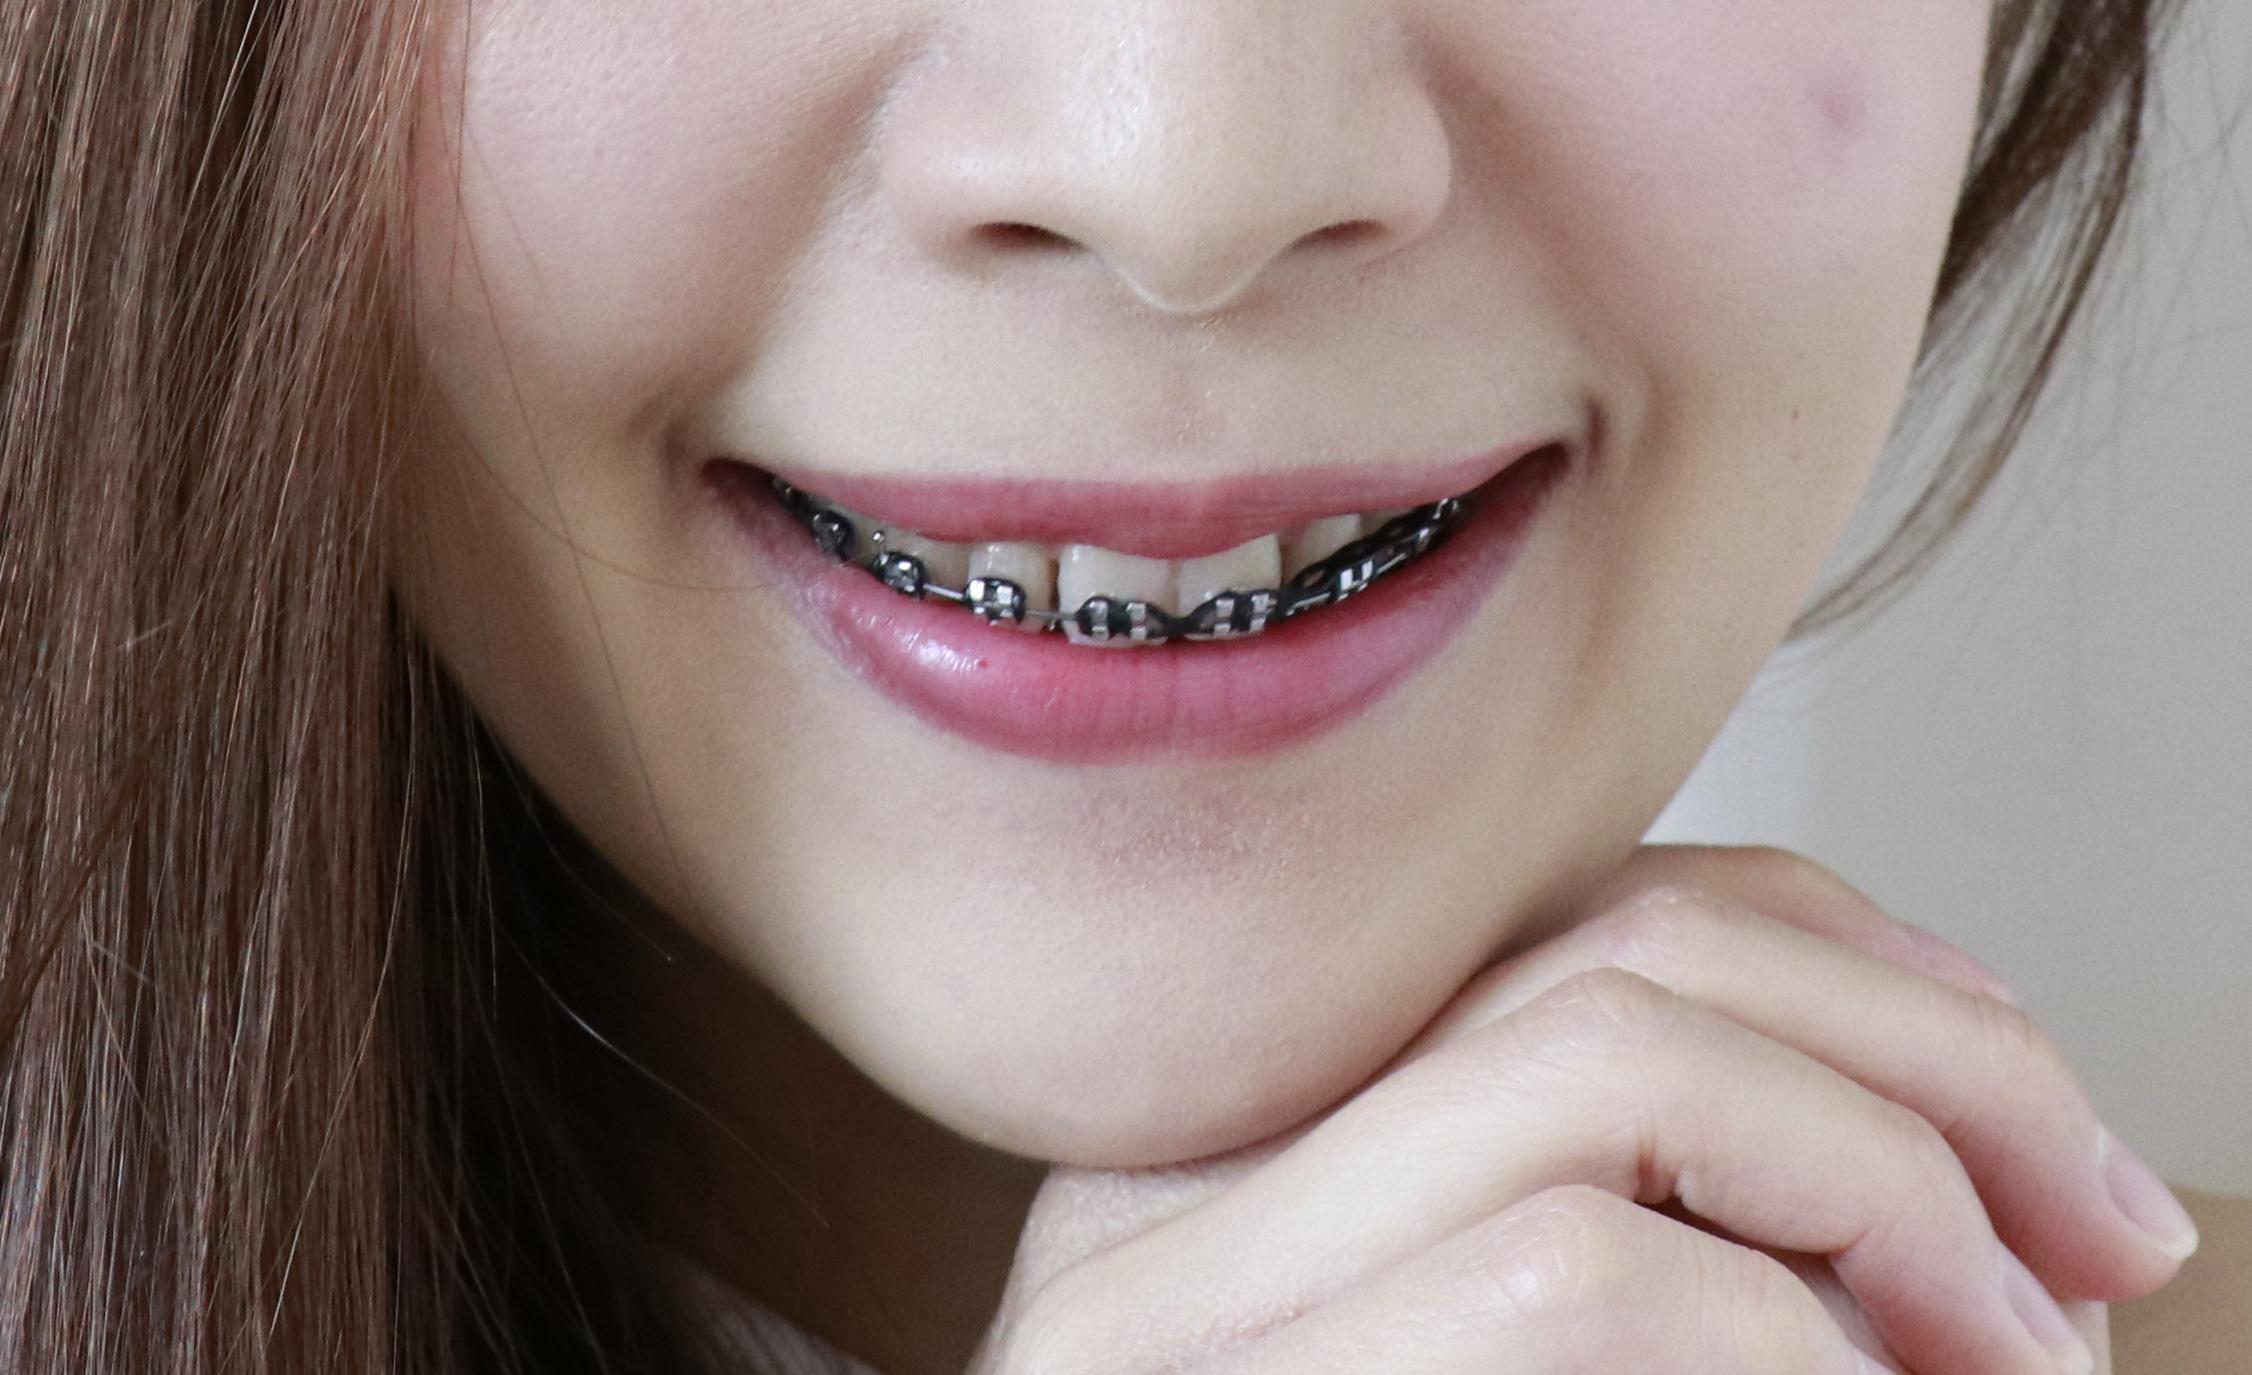 มาหาคำตอบกัน จัดฟันสีดำ รอด !! หรือ ร่วง !! l พร้อม #5 คลินิกในกรุงเทพฯ ที่โดดเด่น ในแบบของตัวเอง